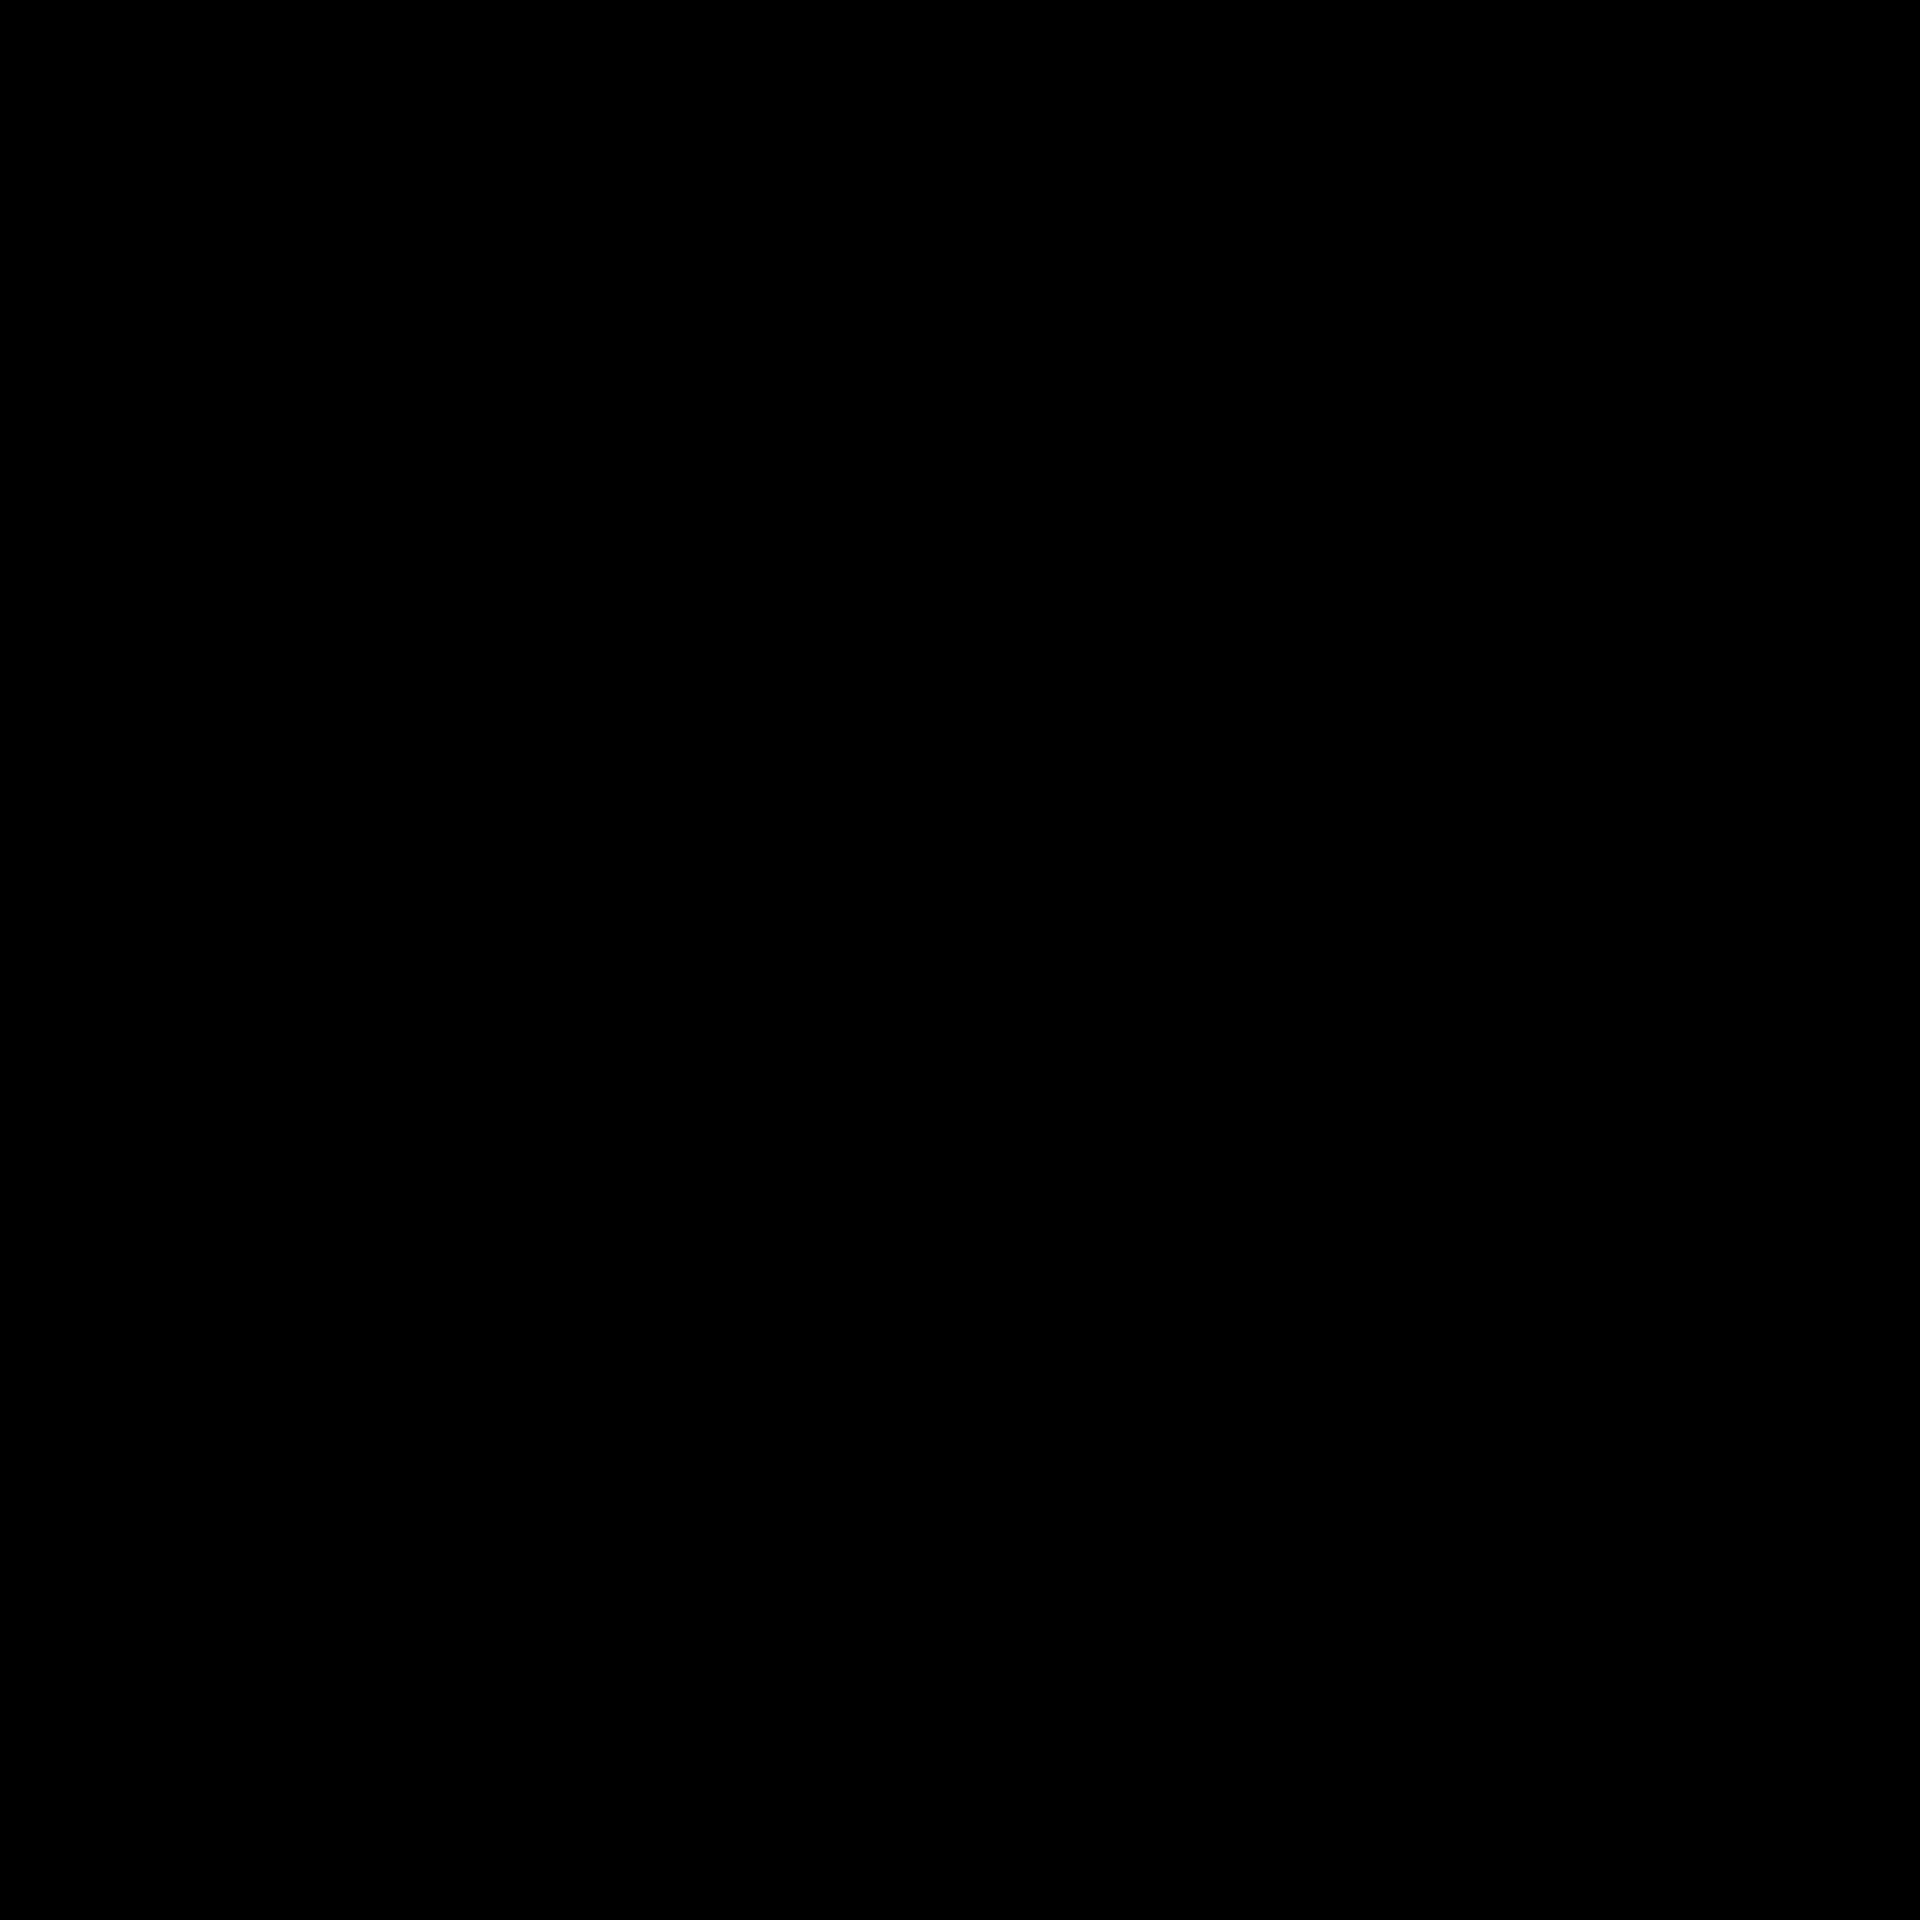 nectar-utrecht-pils-bier-brouwerij-nederland-veenhuizen-maallust-logo-01